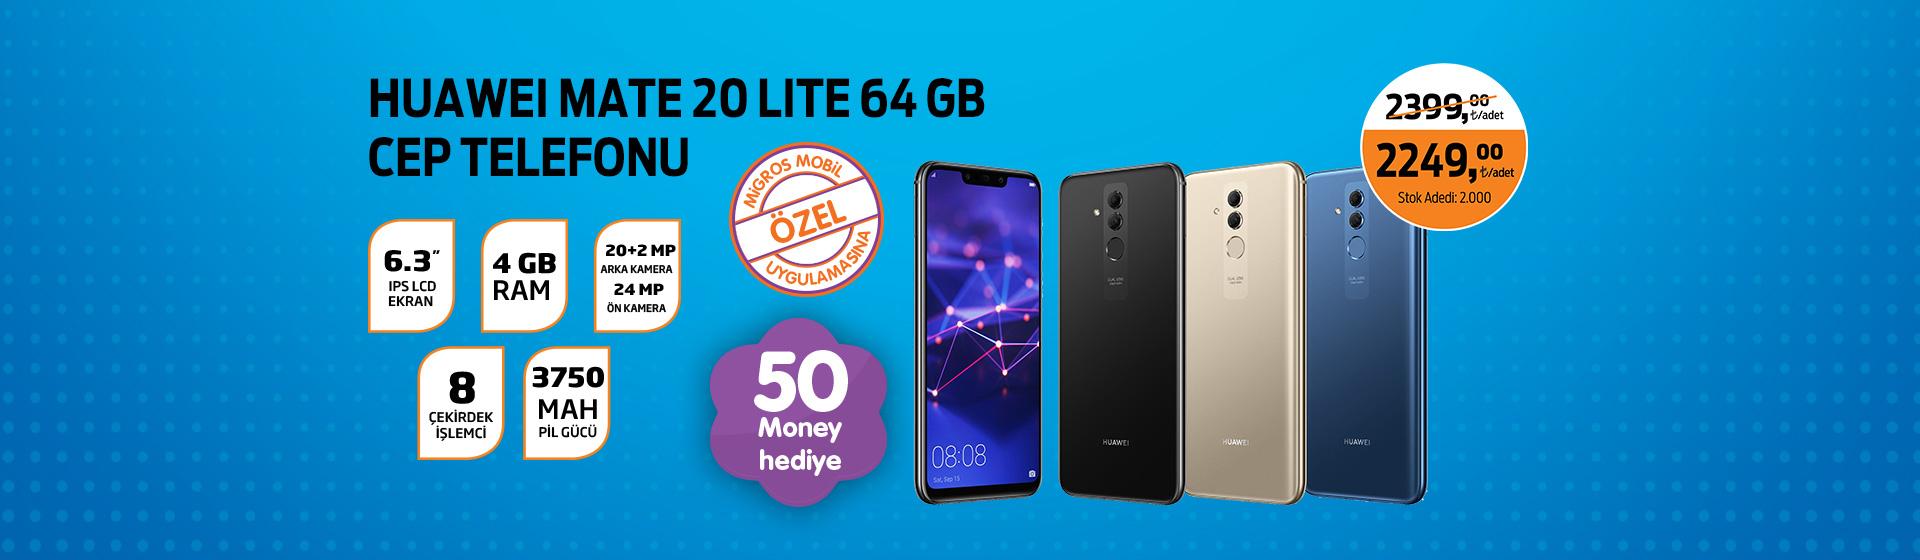 Huawei Mate 20 Lite Cep Telefonu Money Kampanyası